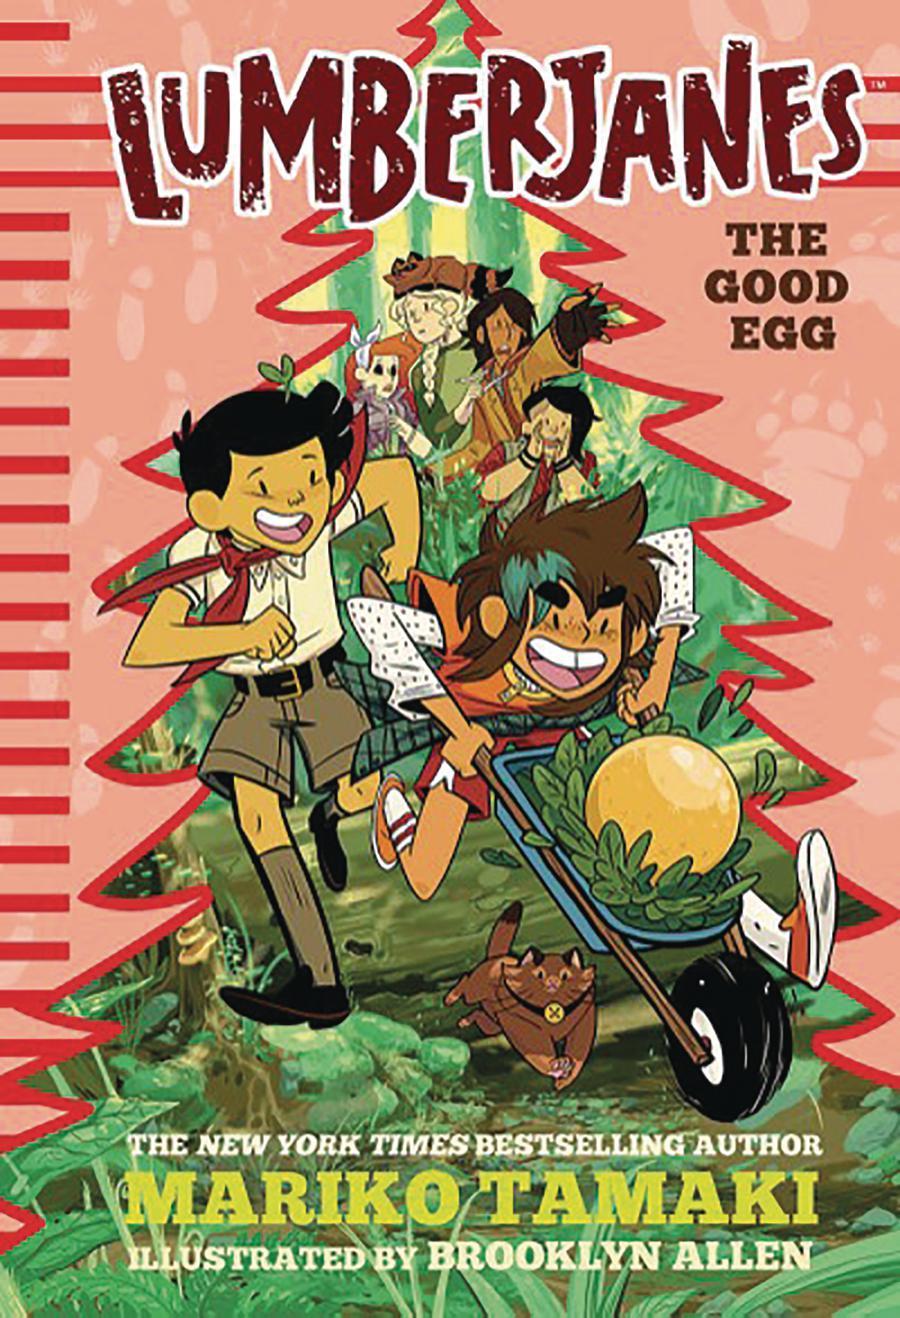 Lumberjanes Illustrated Novel Vol 3 Good Egg HC